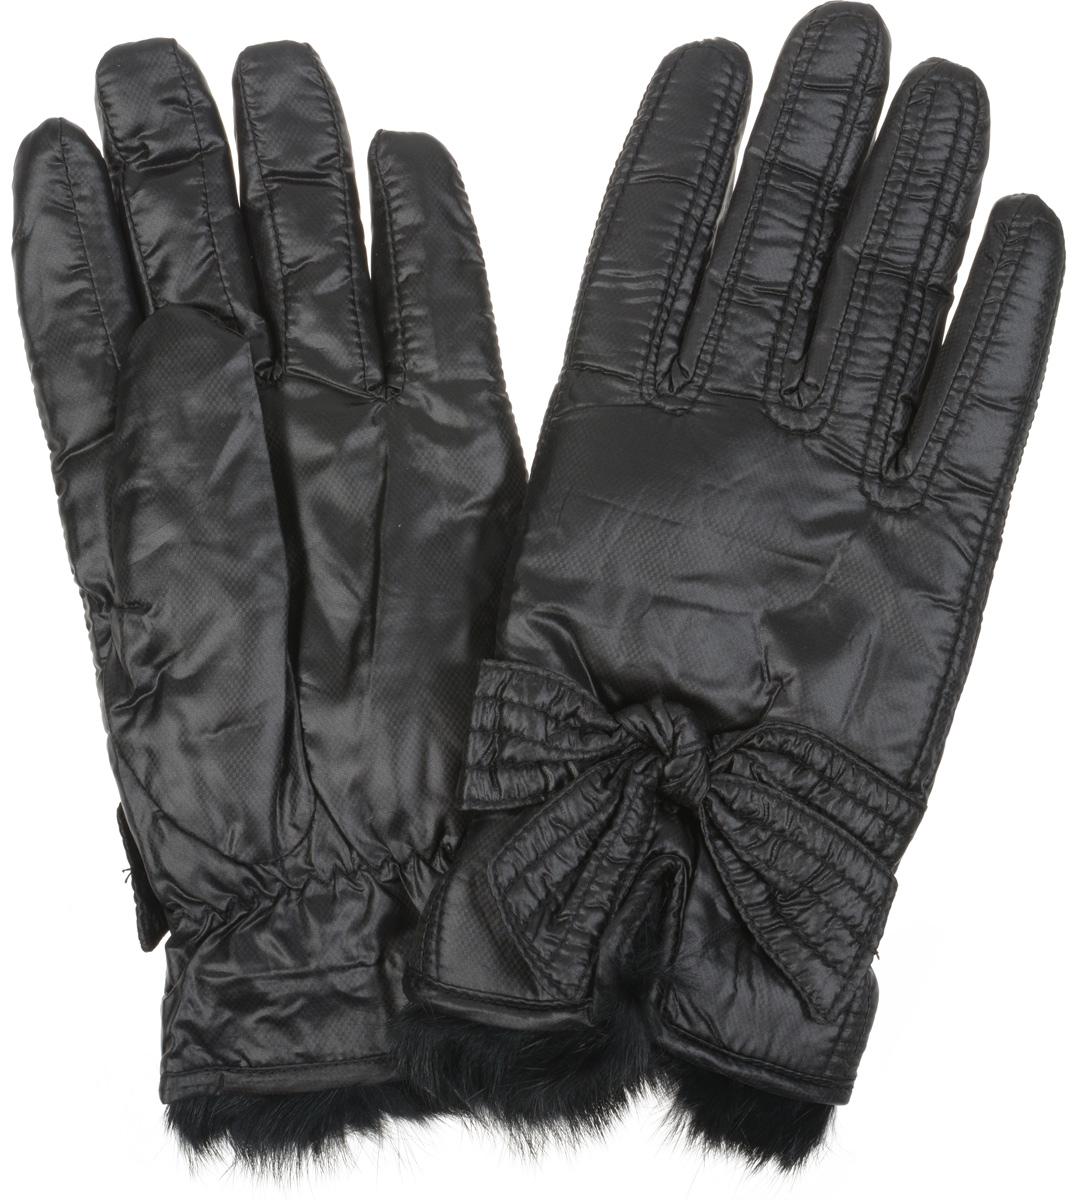 ПерчаткиSD13Прекрасные теплые женские перчатки торговой марки Modo - незаменимый аксессуар зимнего гардероба. Модель выполнена из полиэстера с мягкой флисовой подкладкой и отделкой из меха кролика. На лицевой стороне перчатки у запястья расположен разрез. Декорированы перчатки узлом в виде бантика и дополнены стягивающей резинкой у запястья. Великолепные перчатки Modo не только согреют пальчики, но и дополнят ваш образ в качестве эффектного аксессуара.